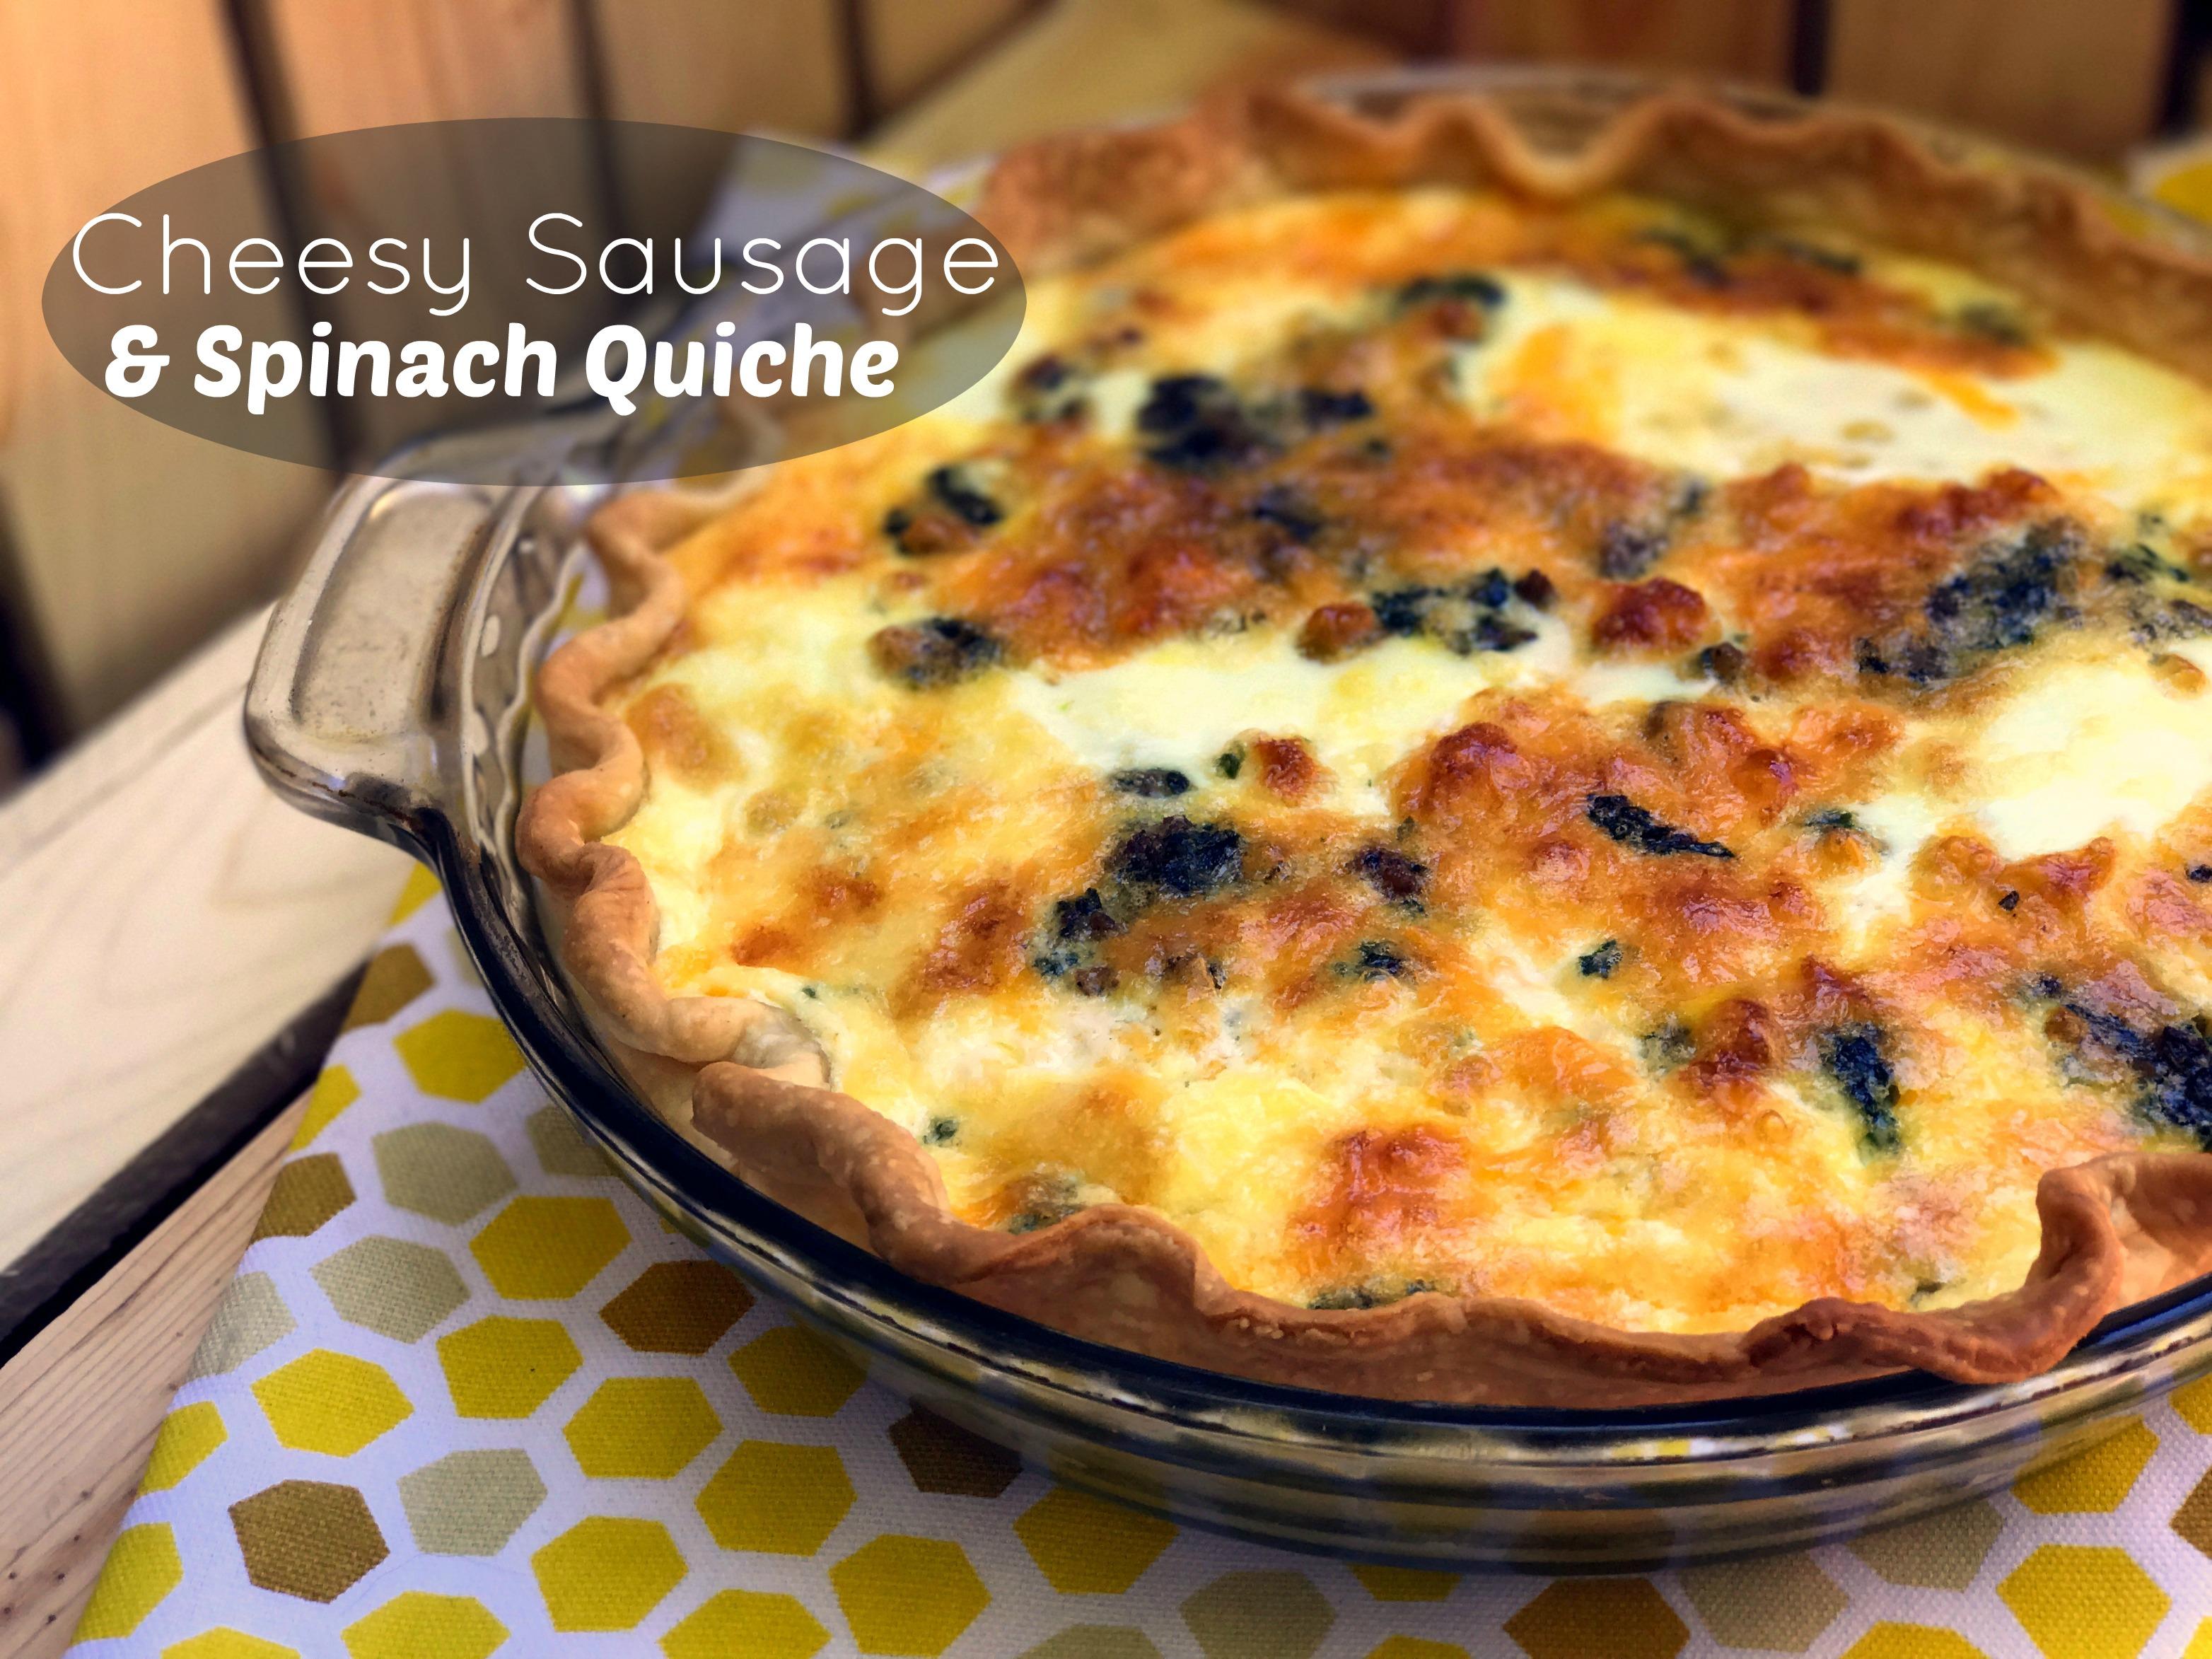 Cheesy Sausage & Spinach Quiche